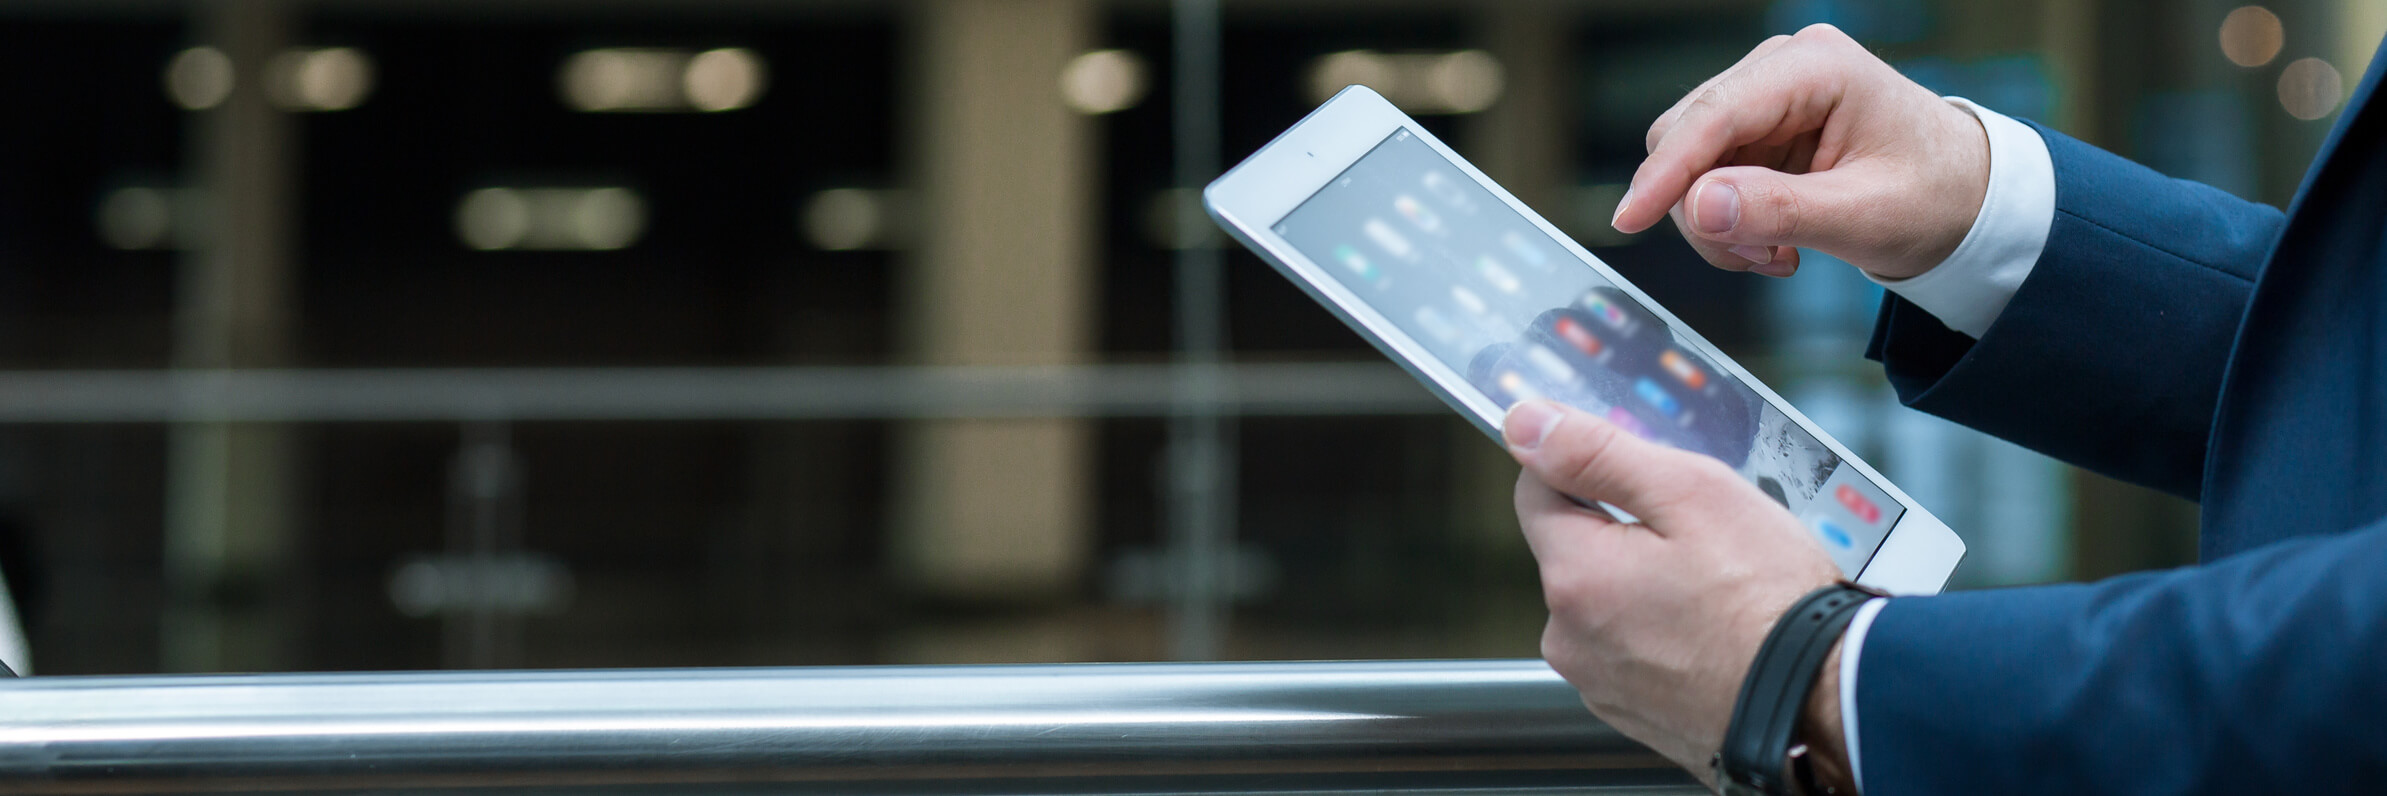 SPARKASSE] Online Banking PIN VERGESSEN    Tipps & Hilfe